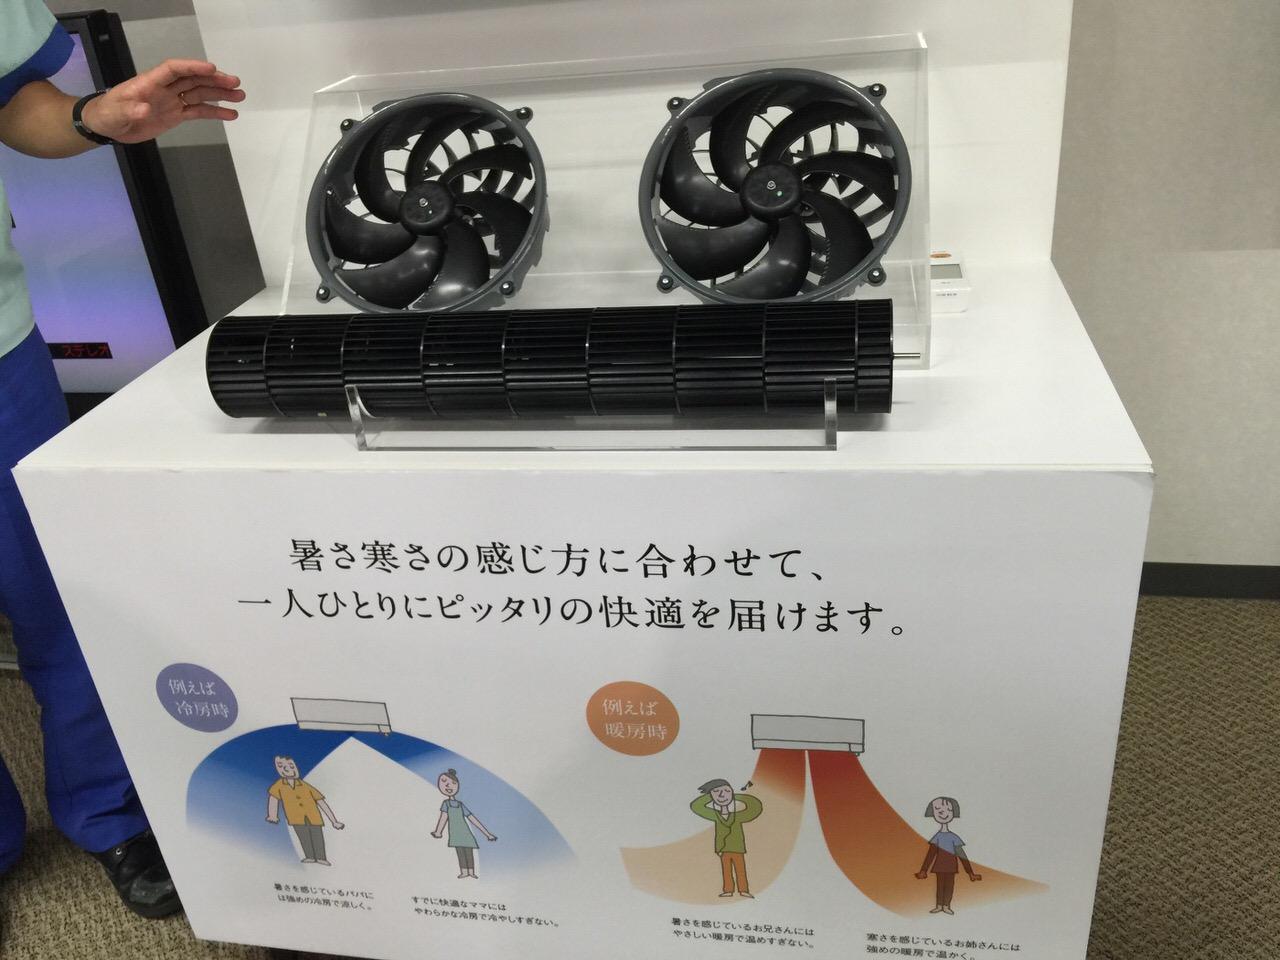 Mitsubishi kirigamine 5199